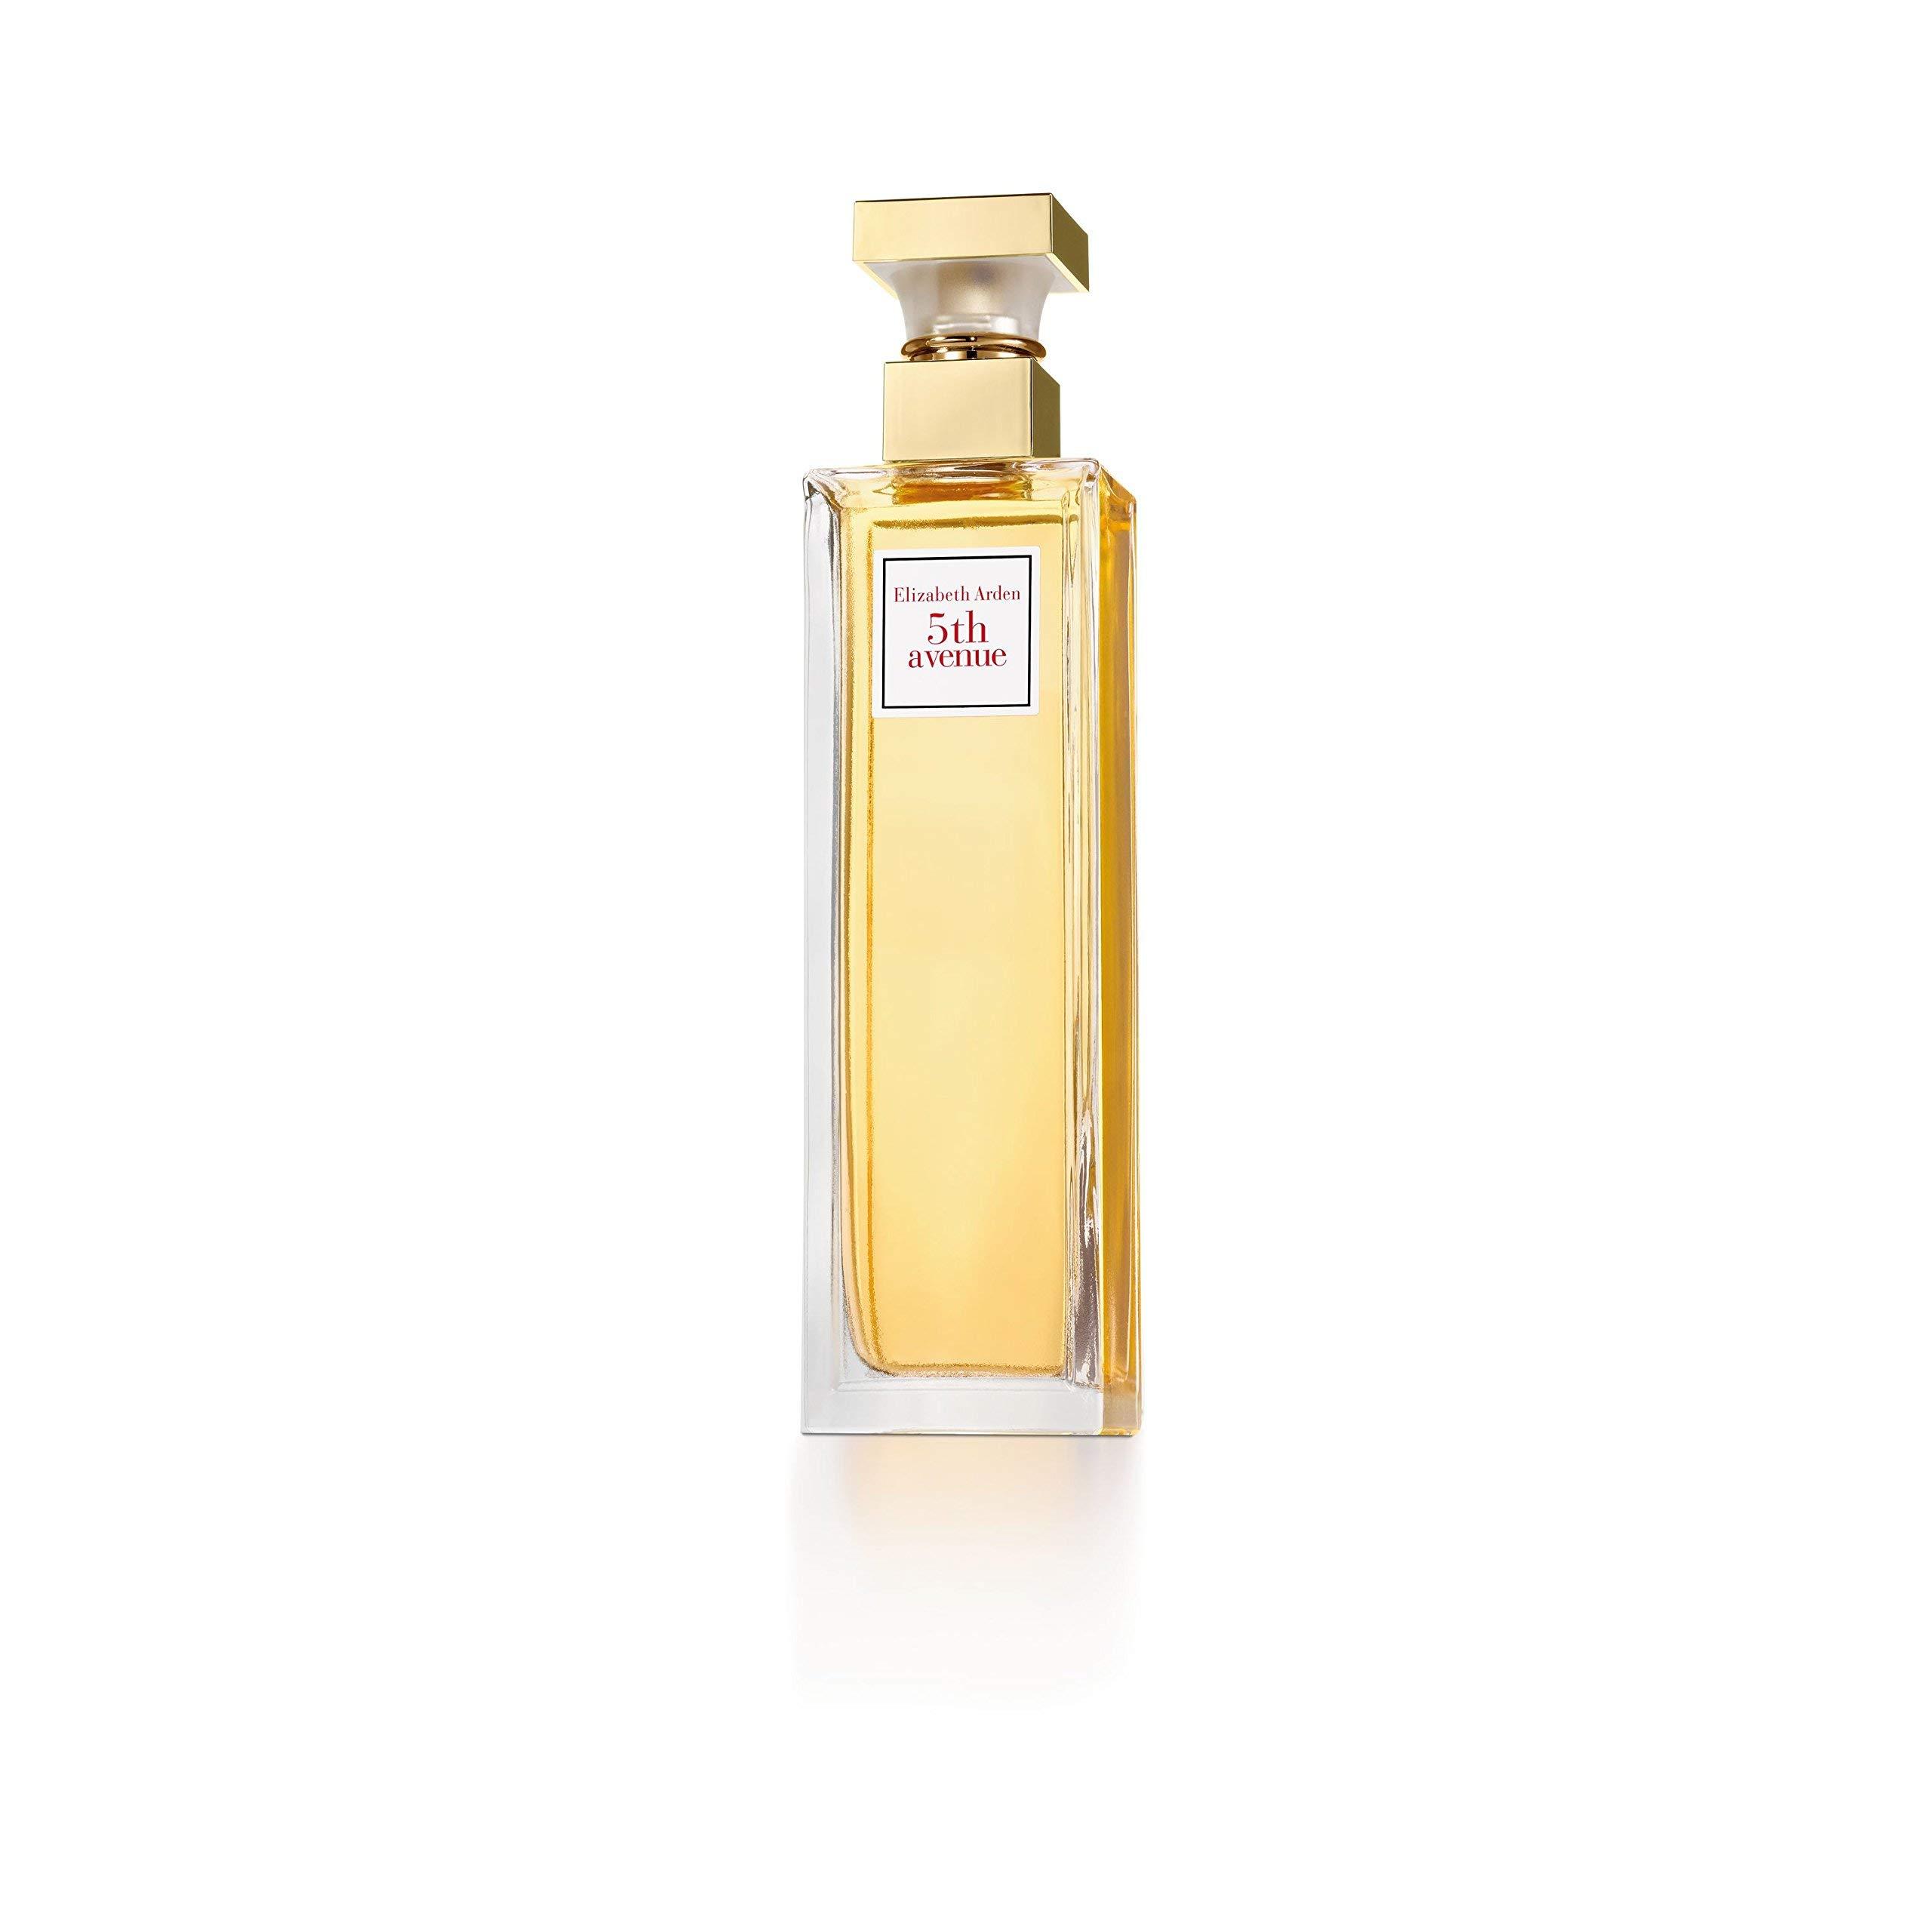 Elizabeth Arden 5th Avenue Eau de Parfum Spray, 125 ml